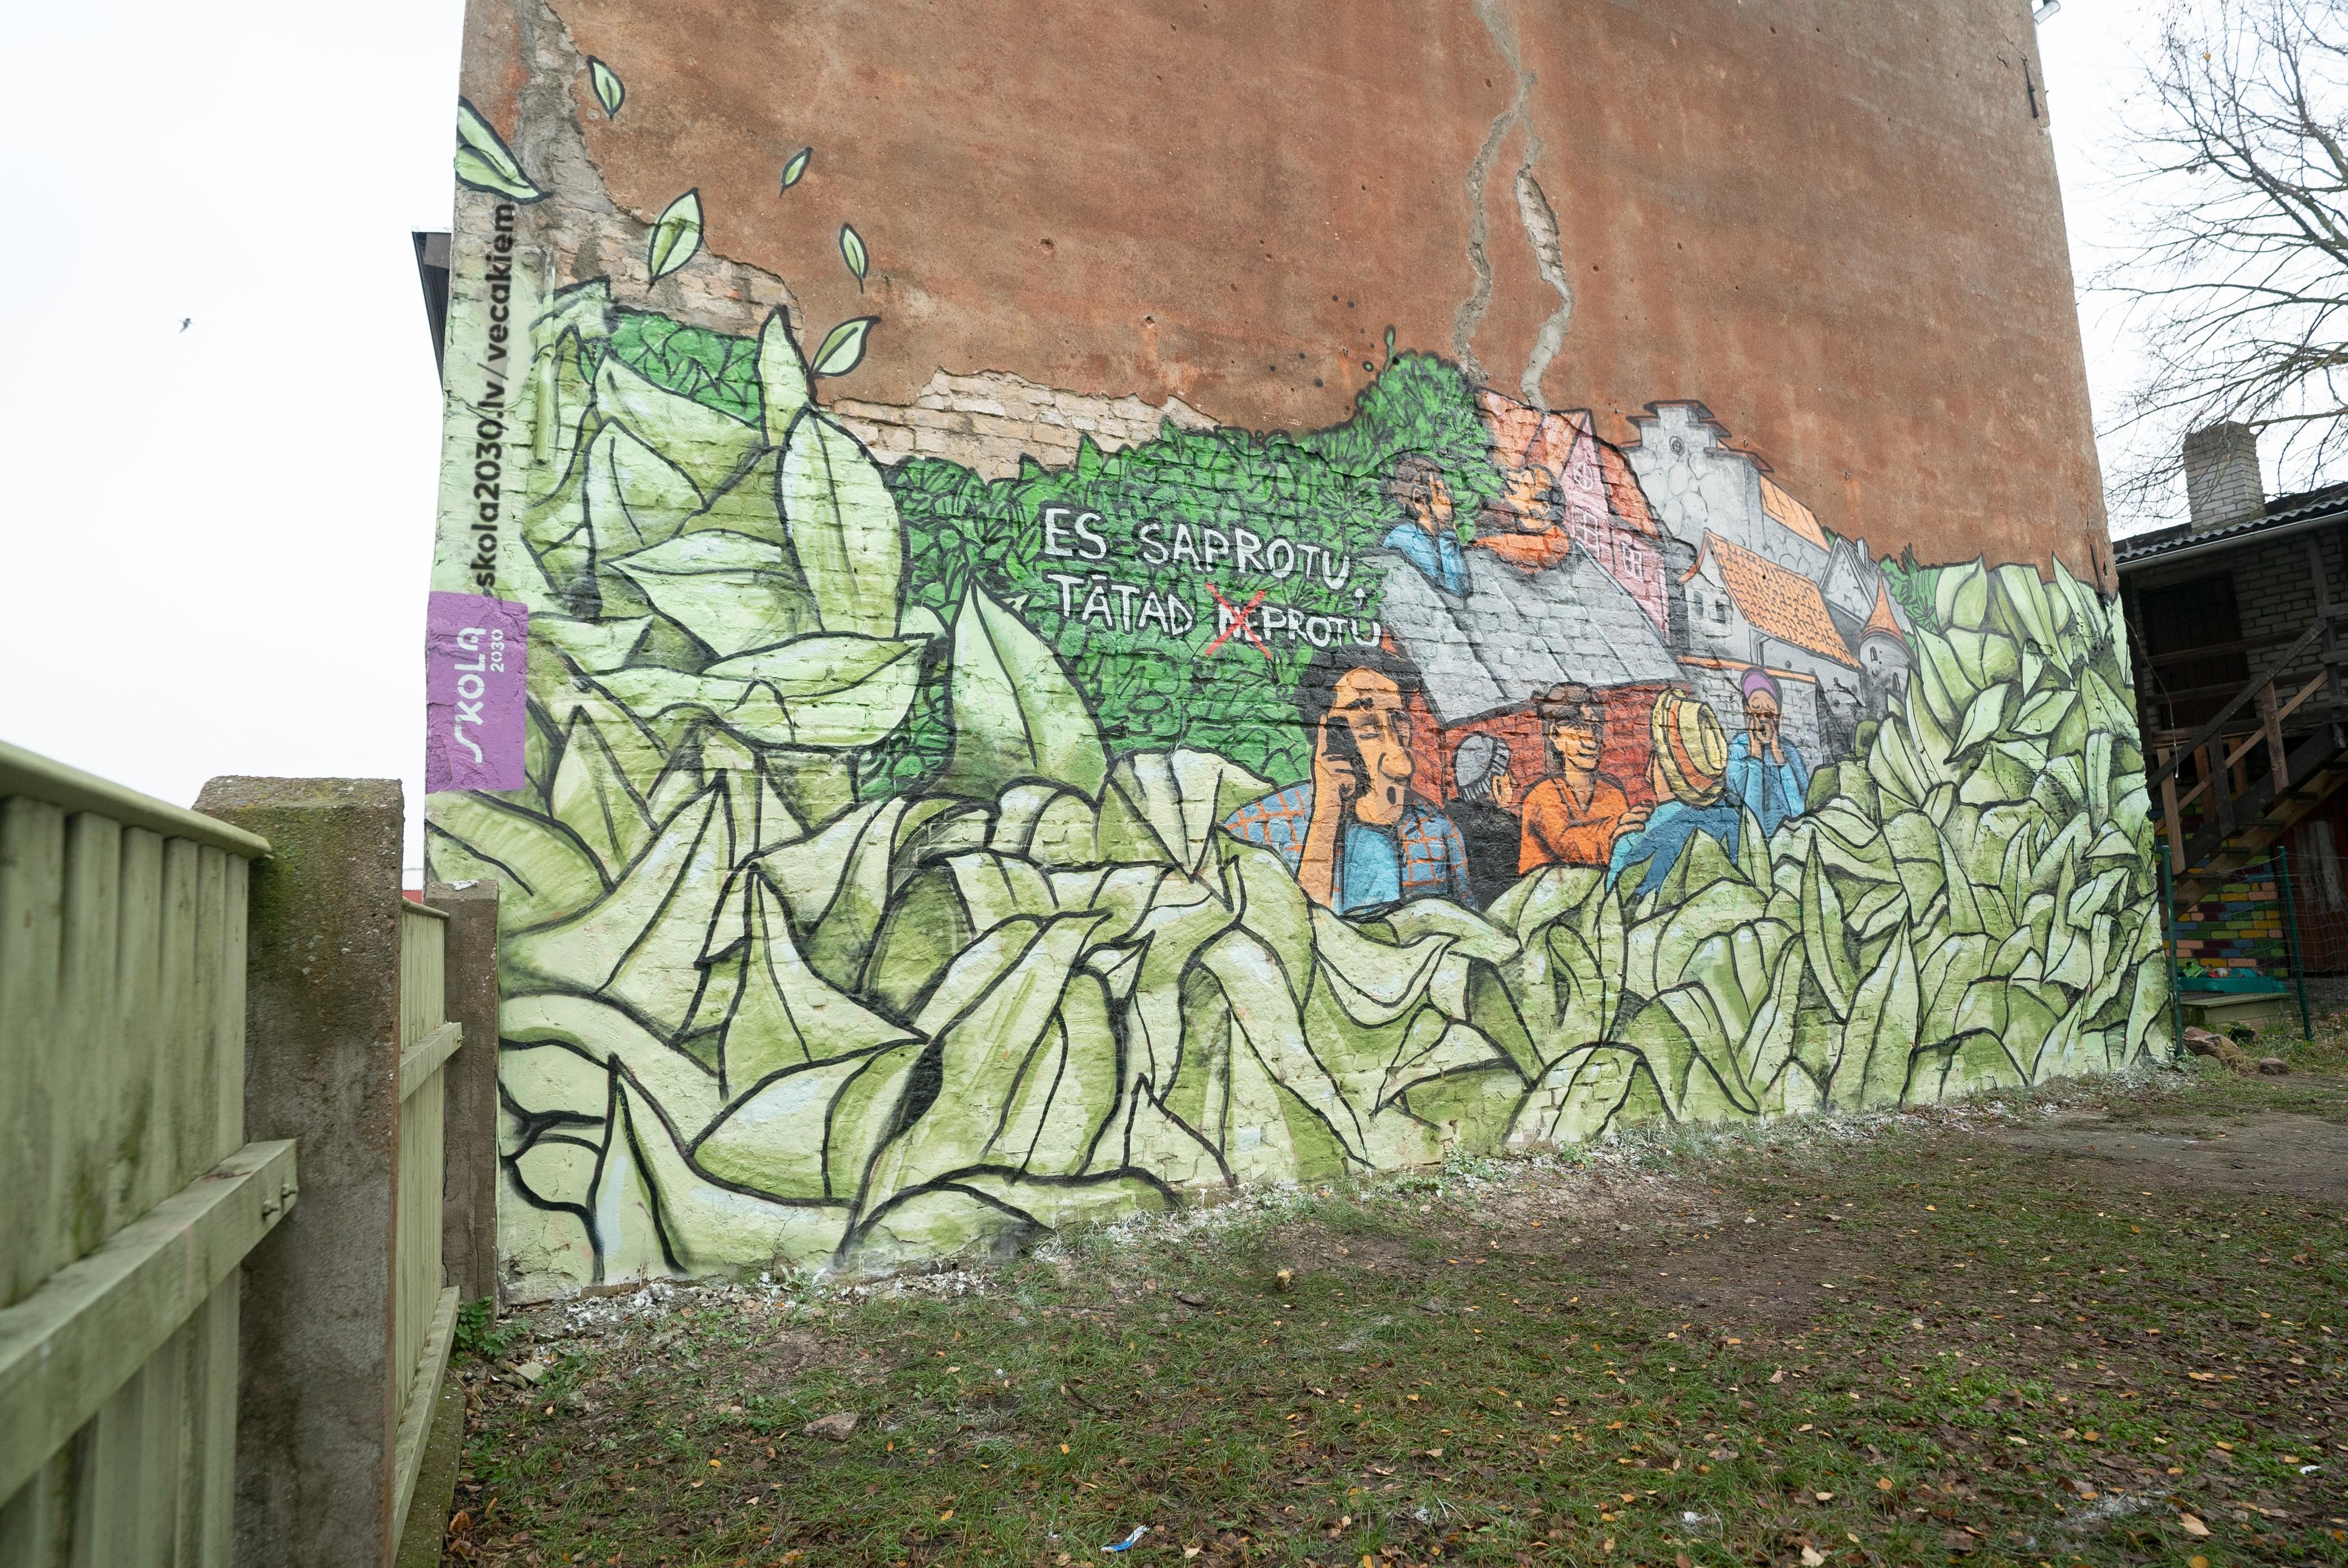 Zīmējumu aicinām apskatīt Liepājā, Matrožu ielā 5!